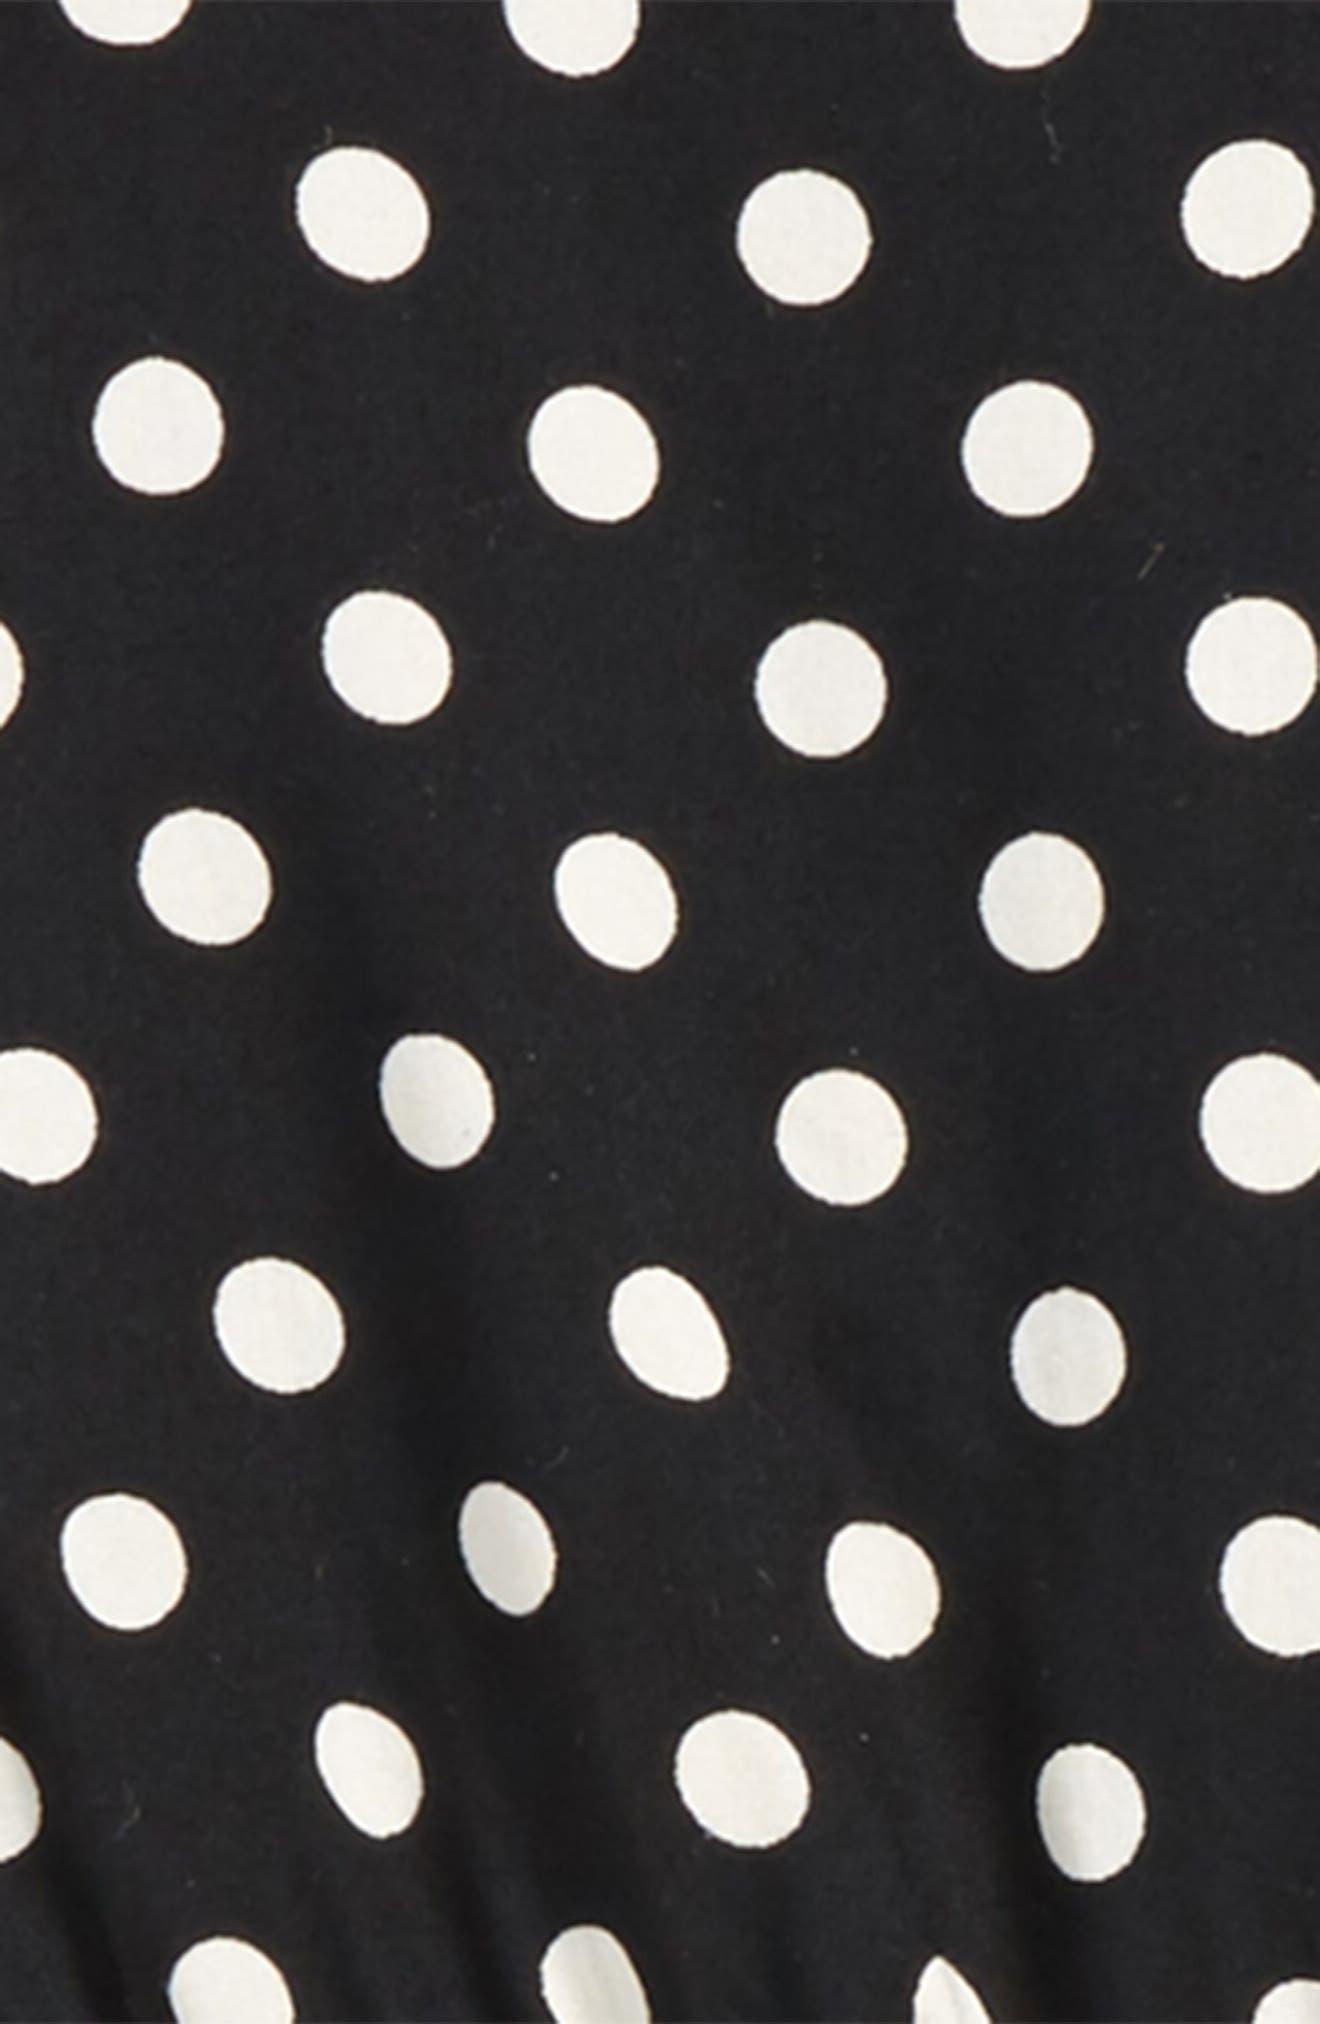 Polka Dot Romper,                             Alternate thumbnail 2, color,                             Black/ Ivory